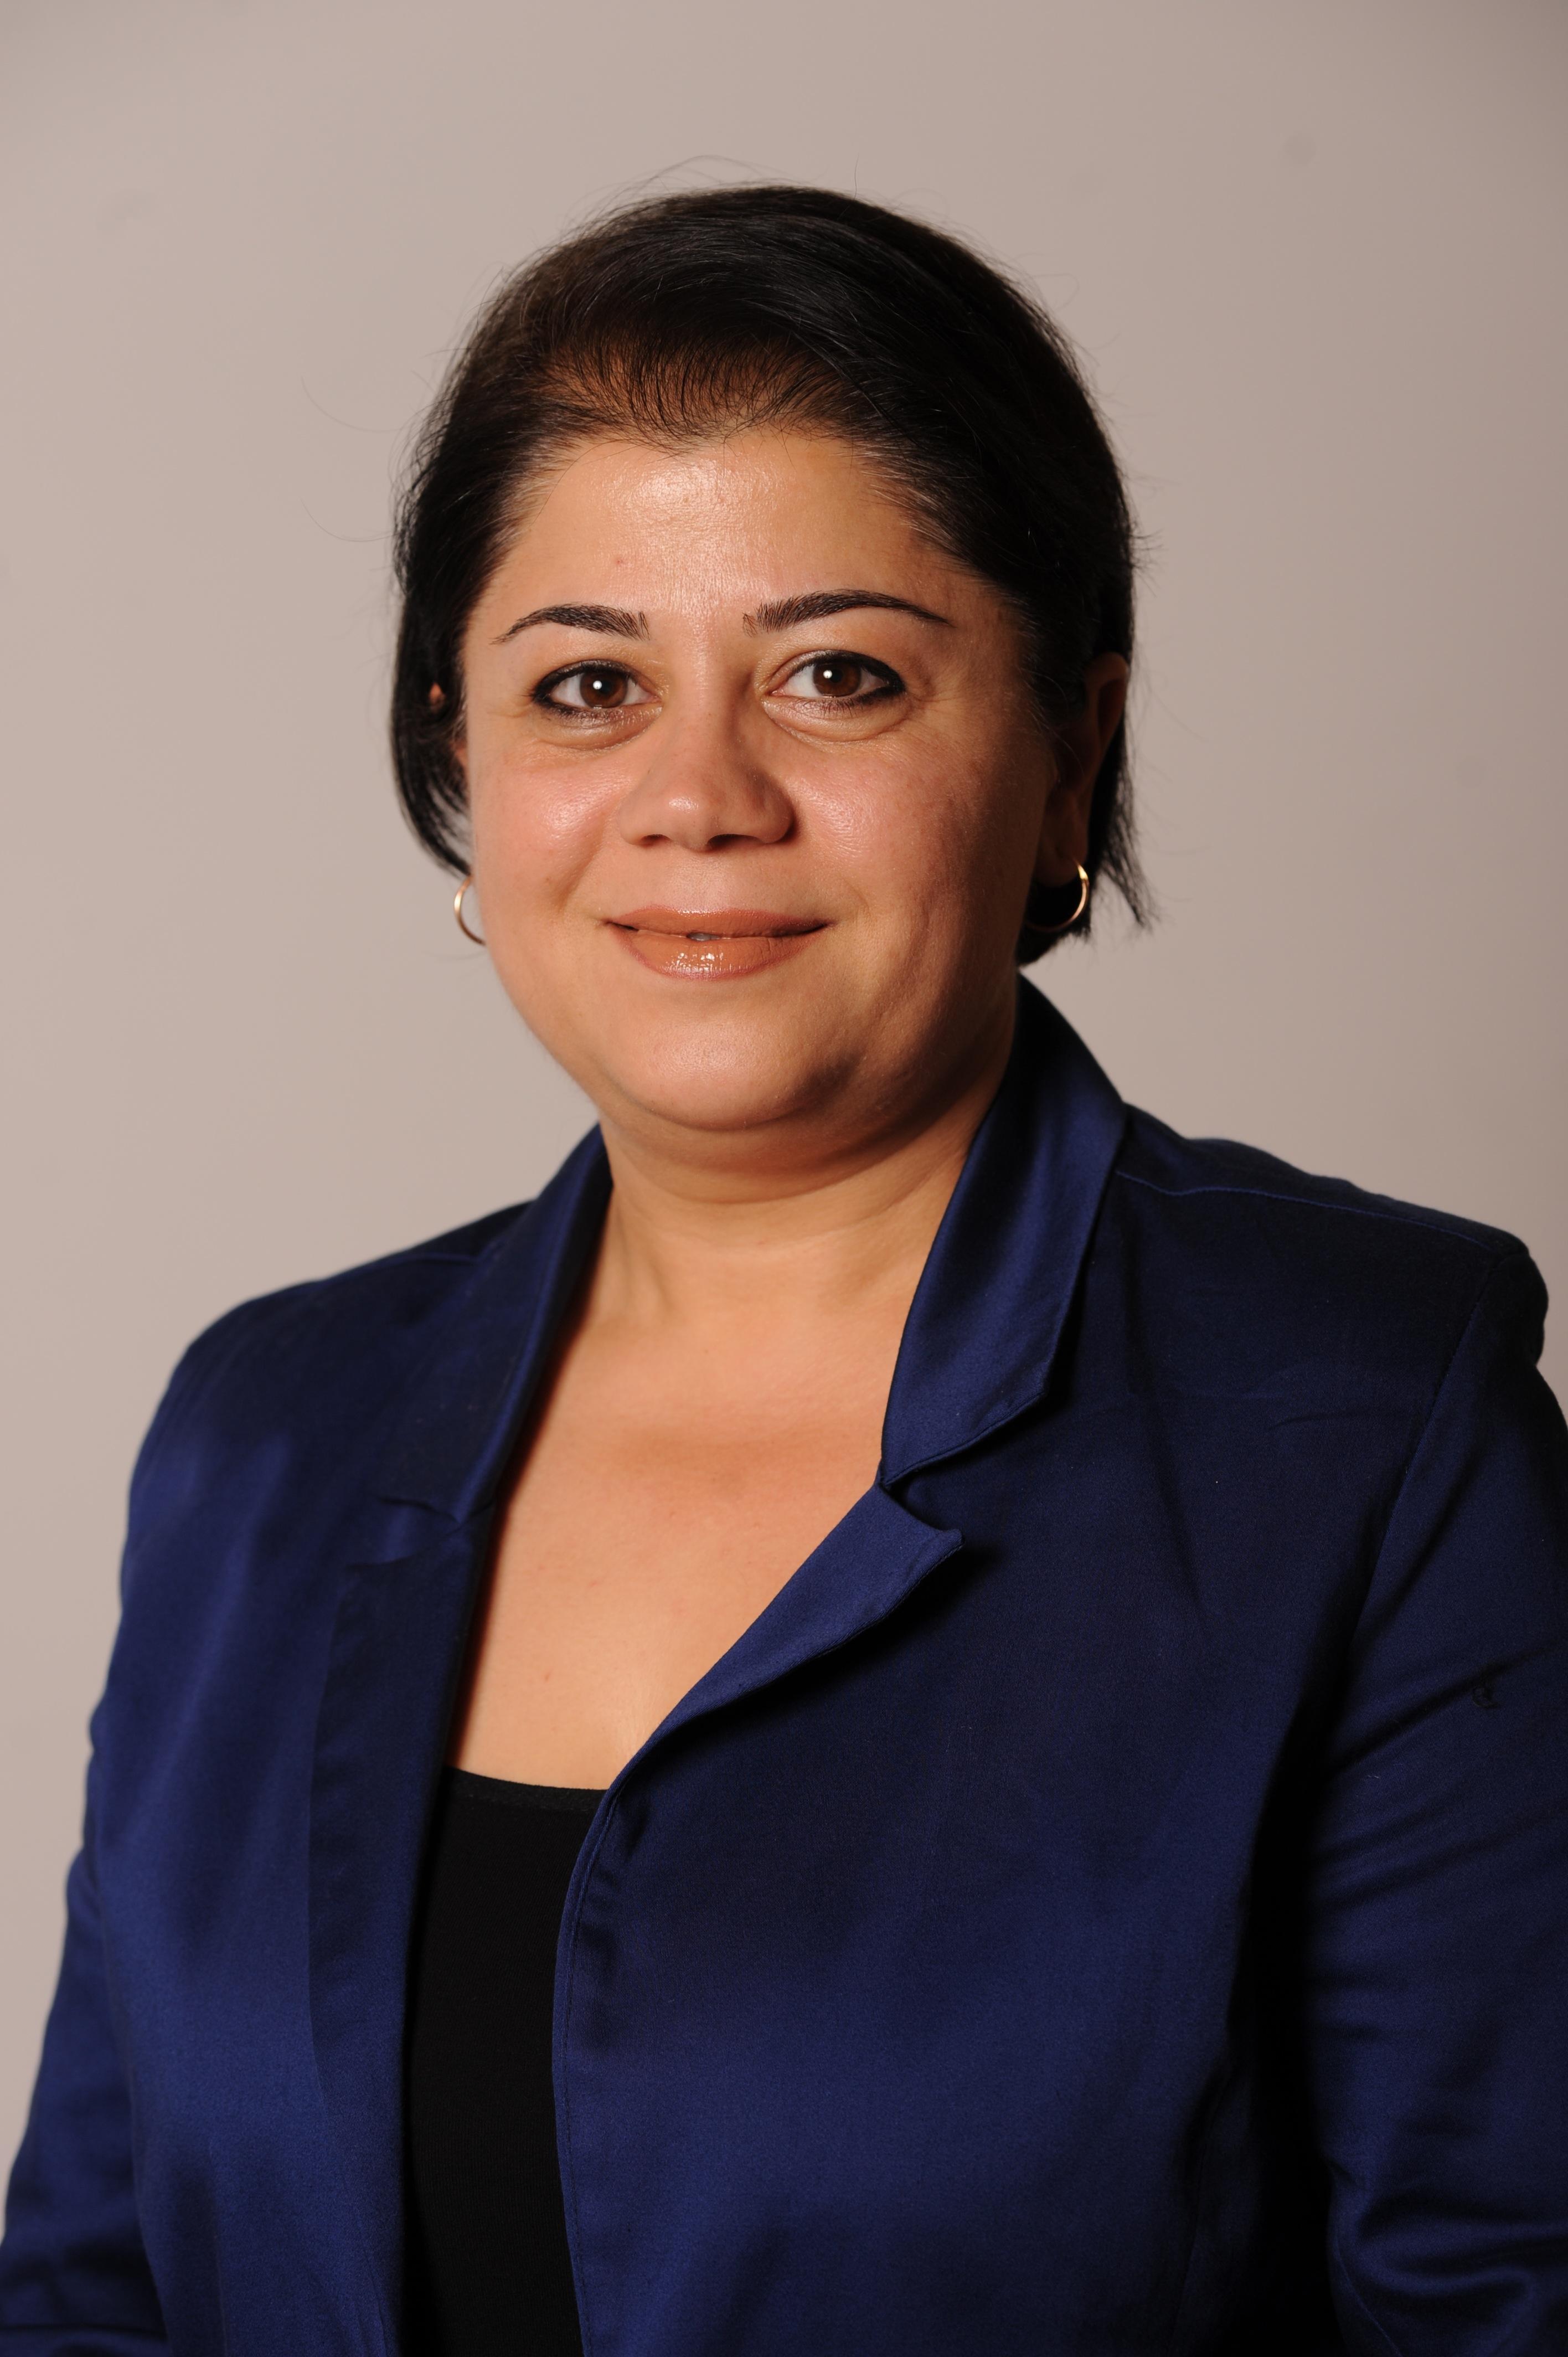 Siranush Vardanyan